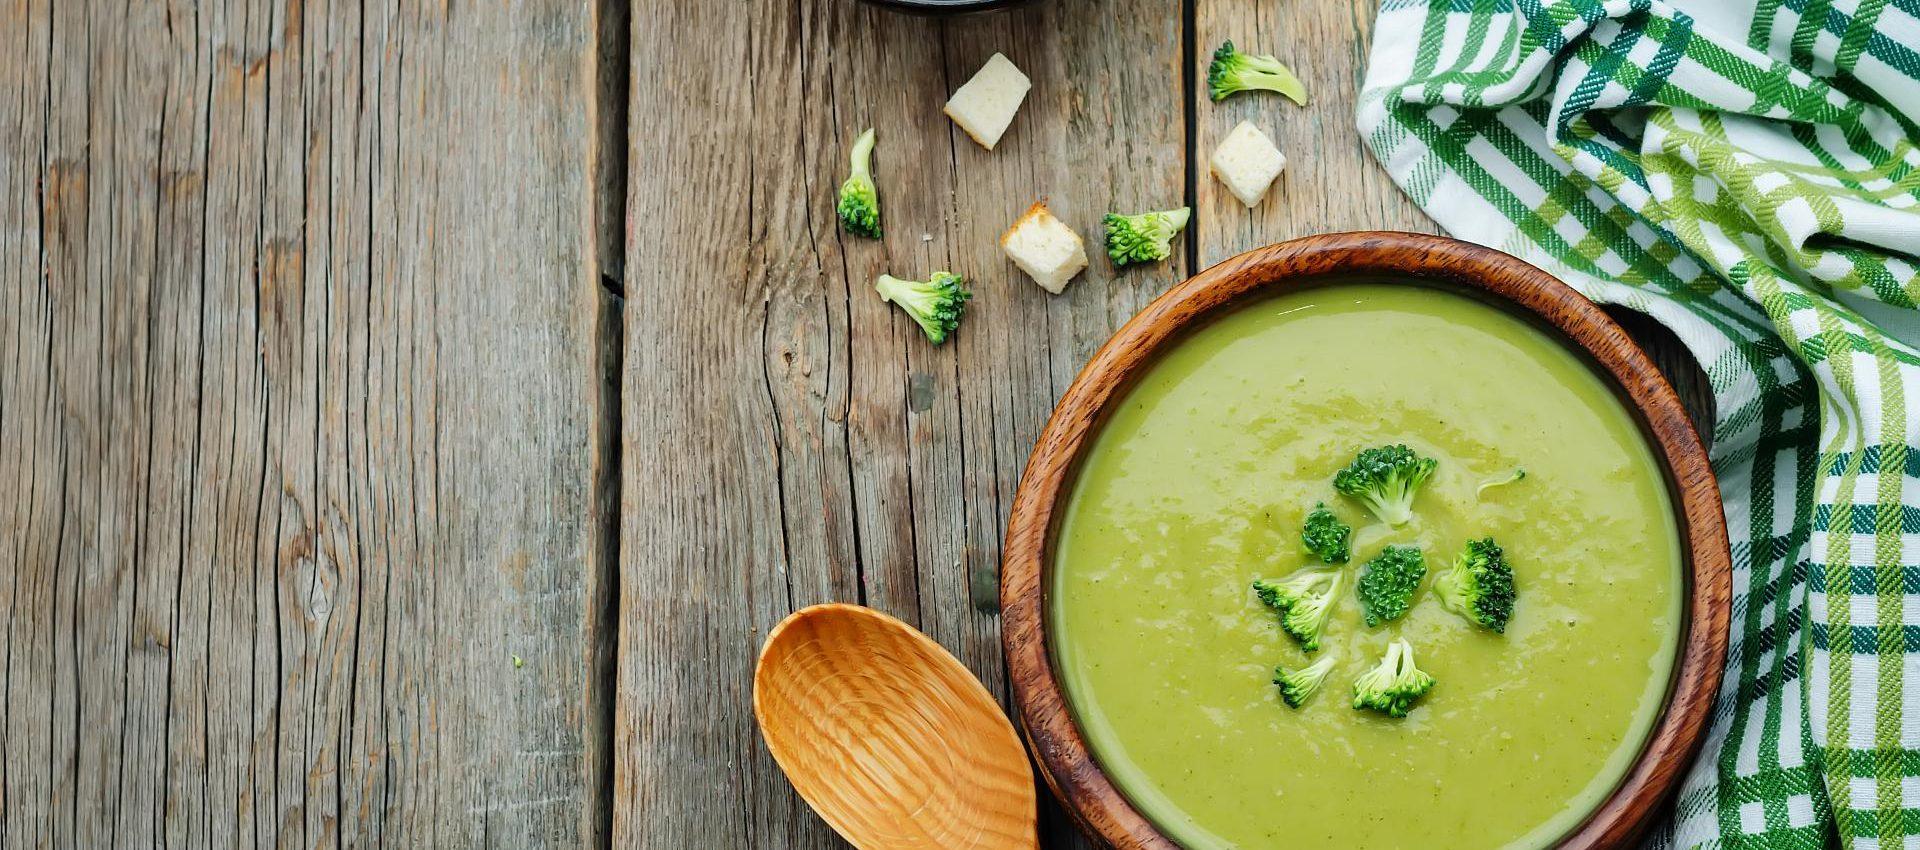 juha od brokula